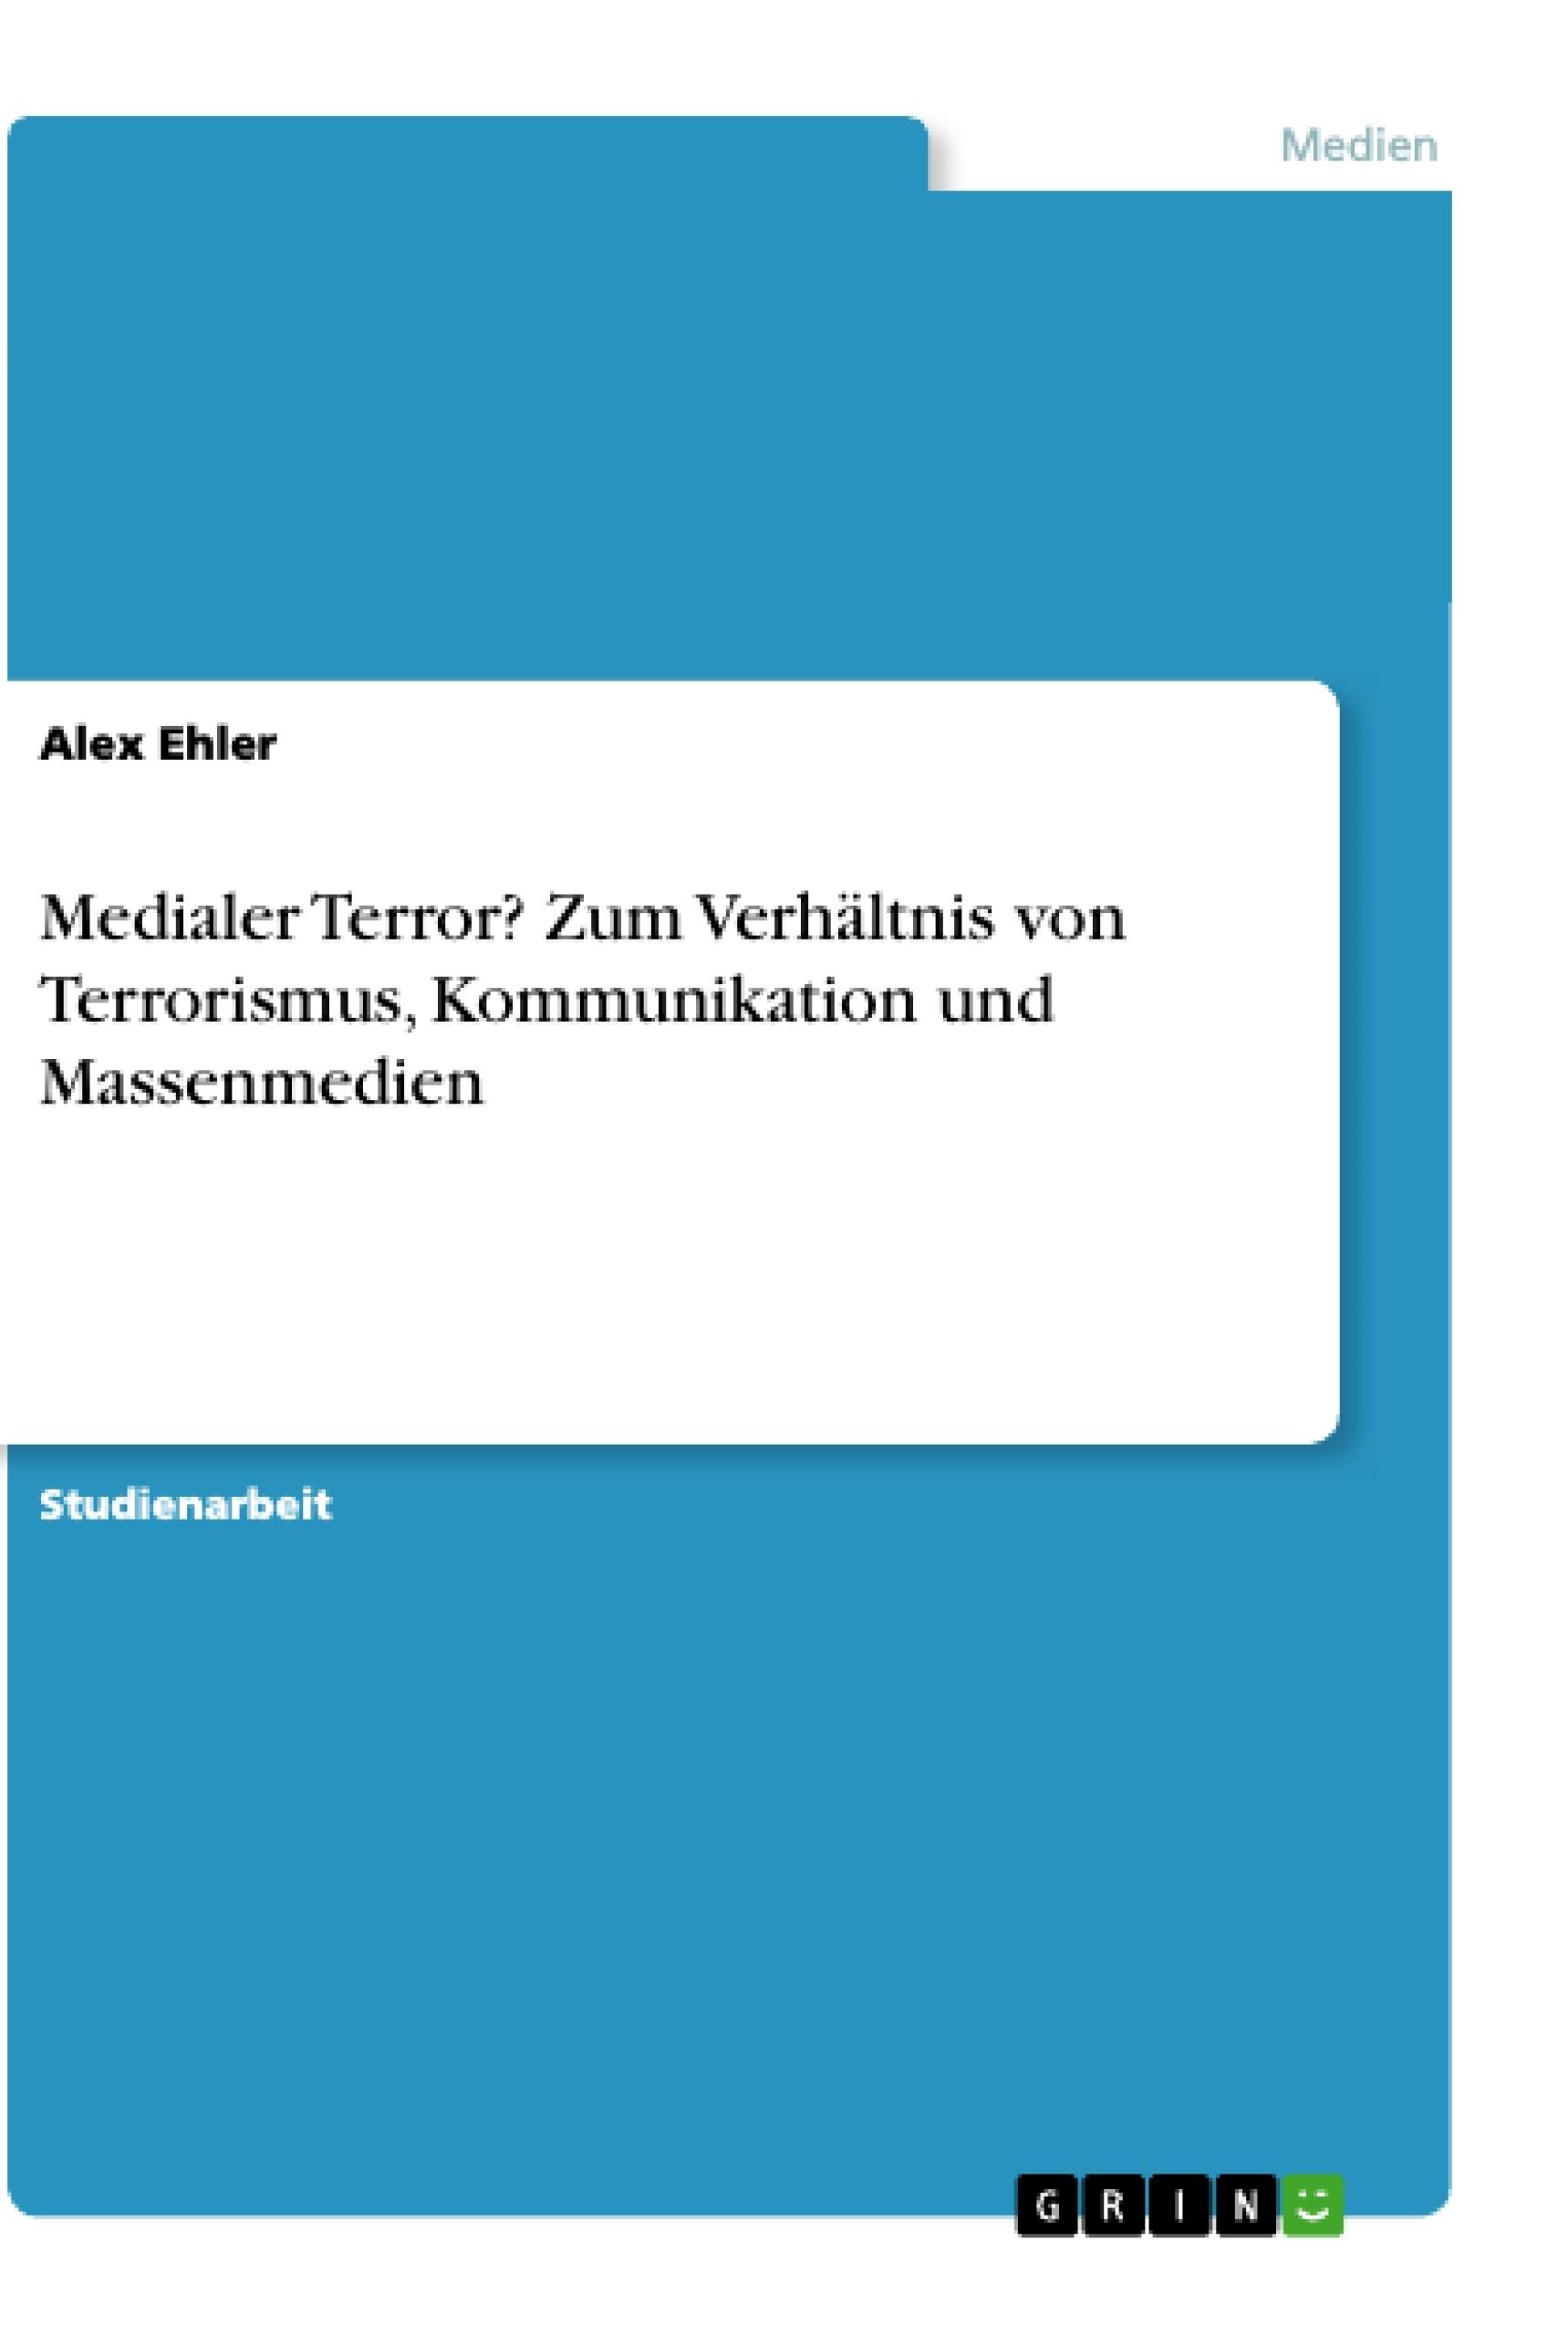 Titel: Medialer Terror? Zum Verhältnis von Terrorismus, Kommunikation und Massenmedien